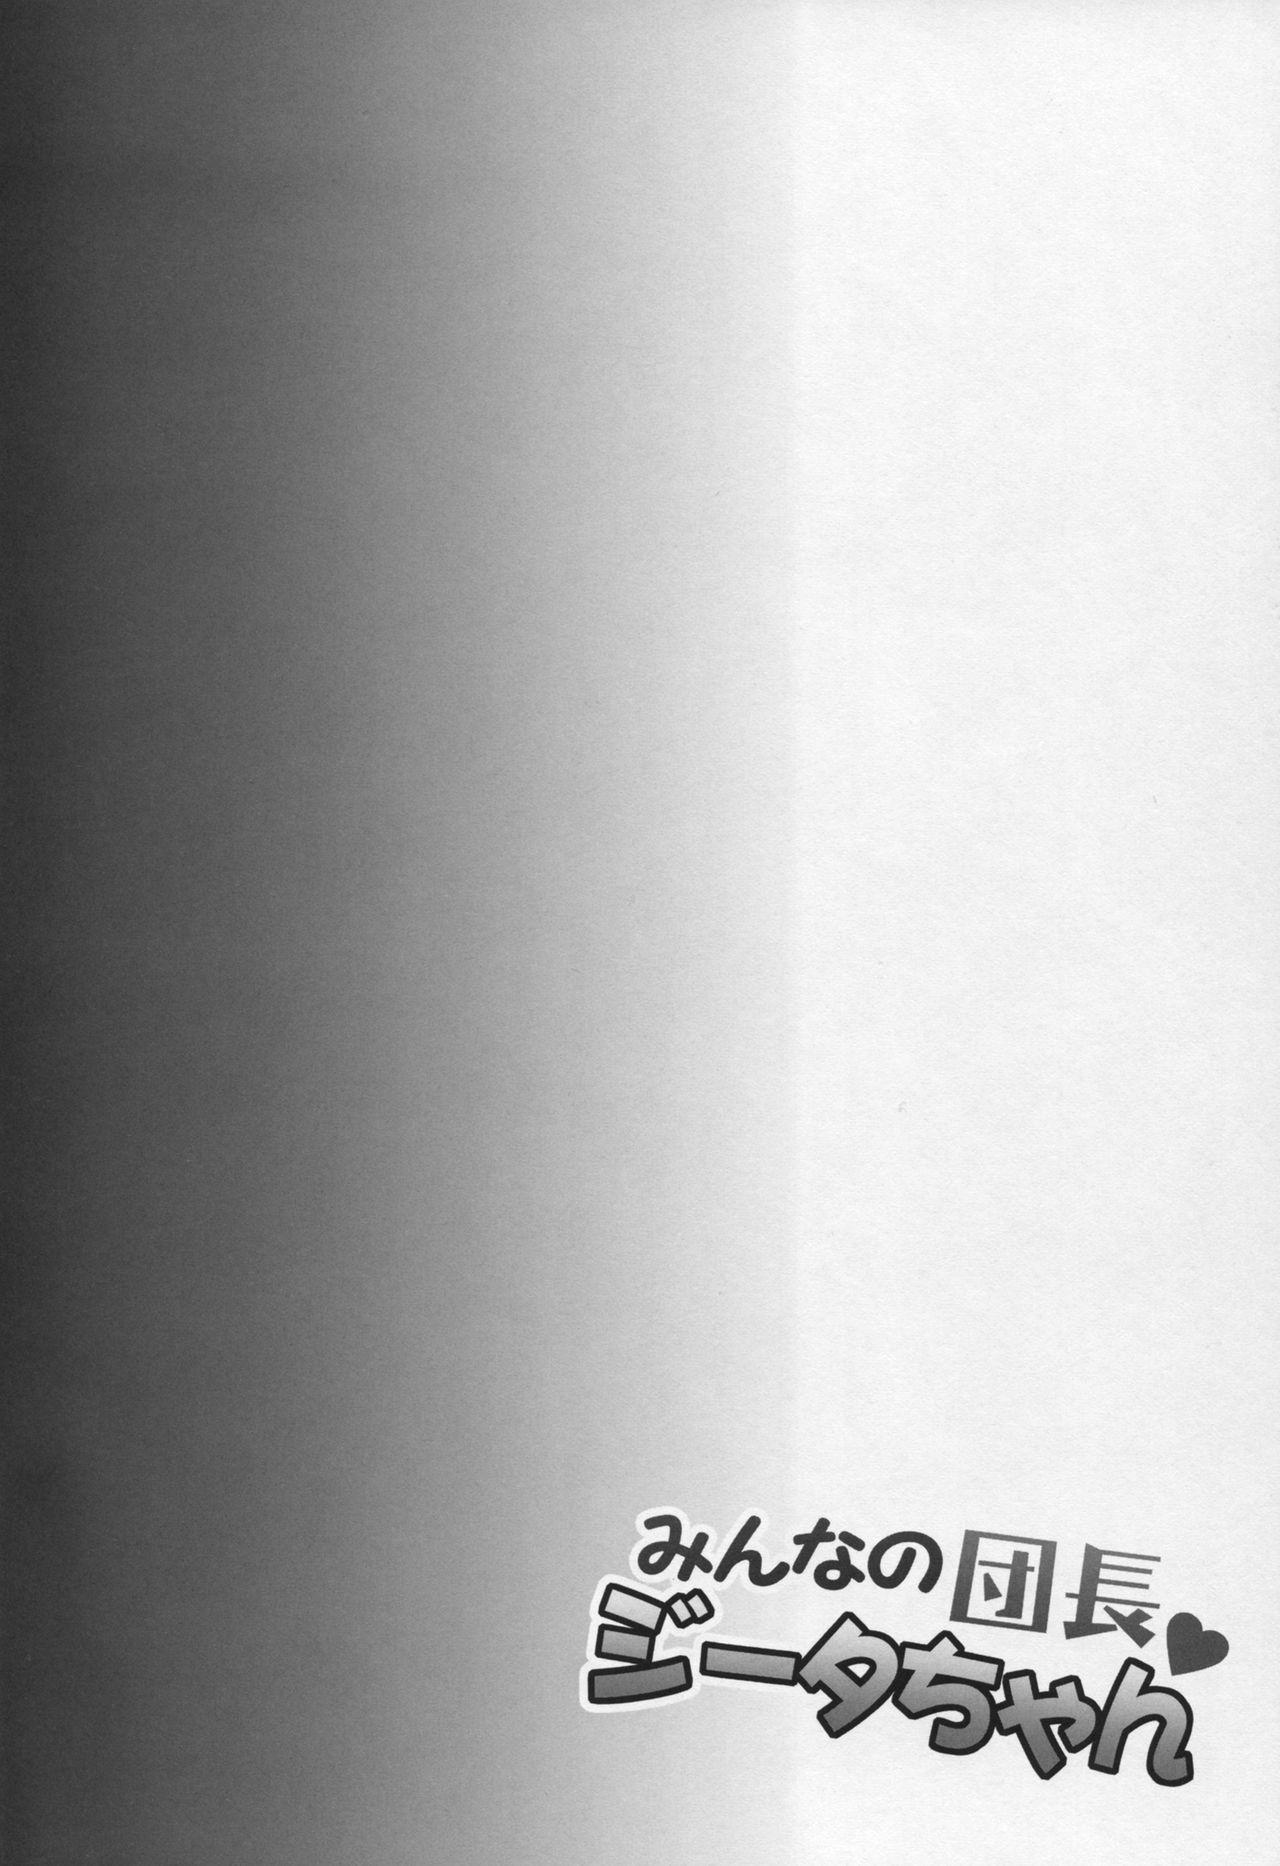 (C90) [Ichinose (Ichinose Land)] Minna no Danchou Djeeta-chan | Everyone's Captain - Djeeta-chan (Granblue Fantasy) [English] [obsoletezero] 2